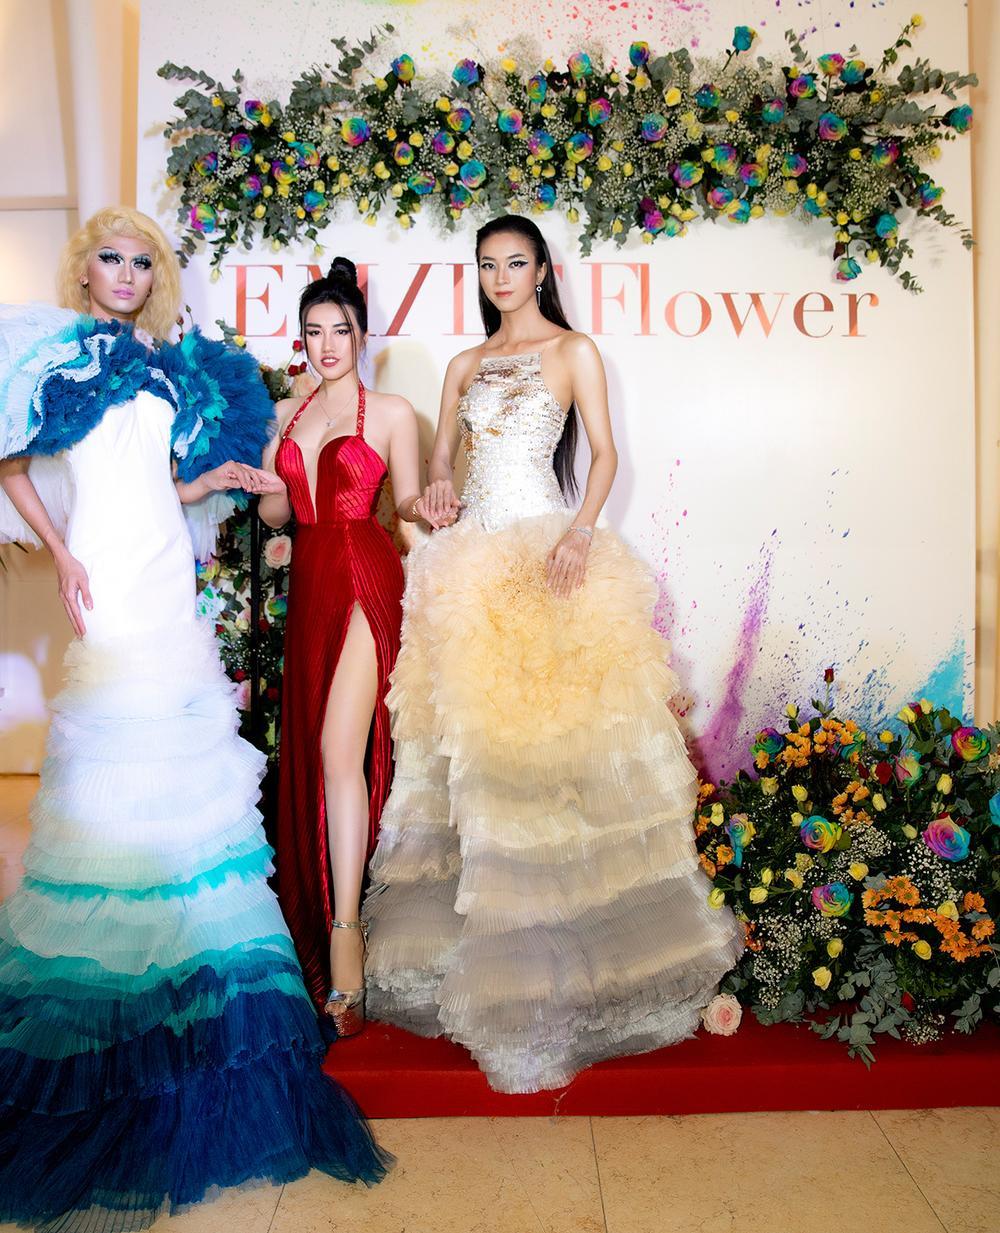 Emily Hồng Nhung mặc váy cắt xẻ cực gắt, đọ sắc bên Mộng Thường Hoa hậu chuyển giới Việt Nam 2020 Ảnh 1